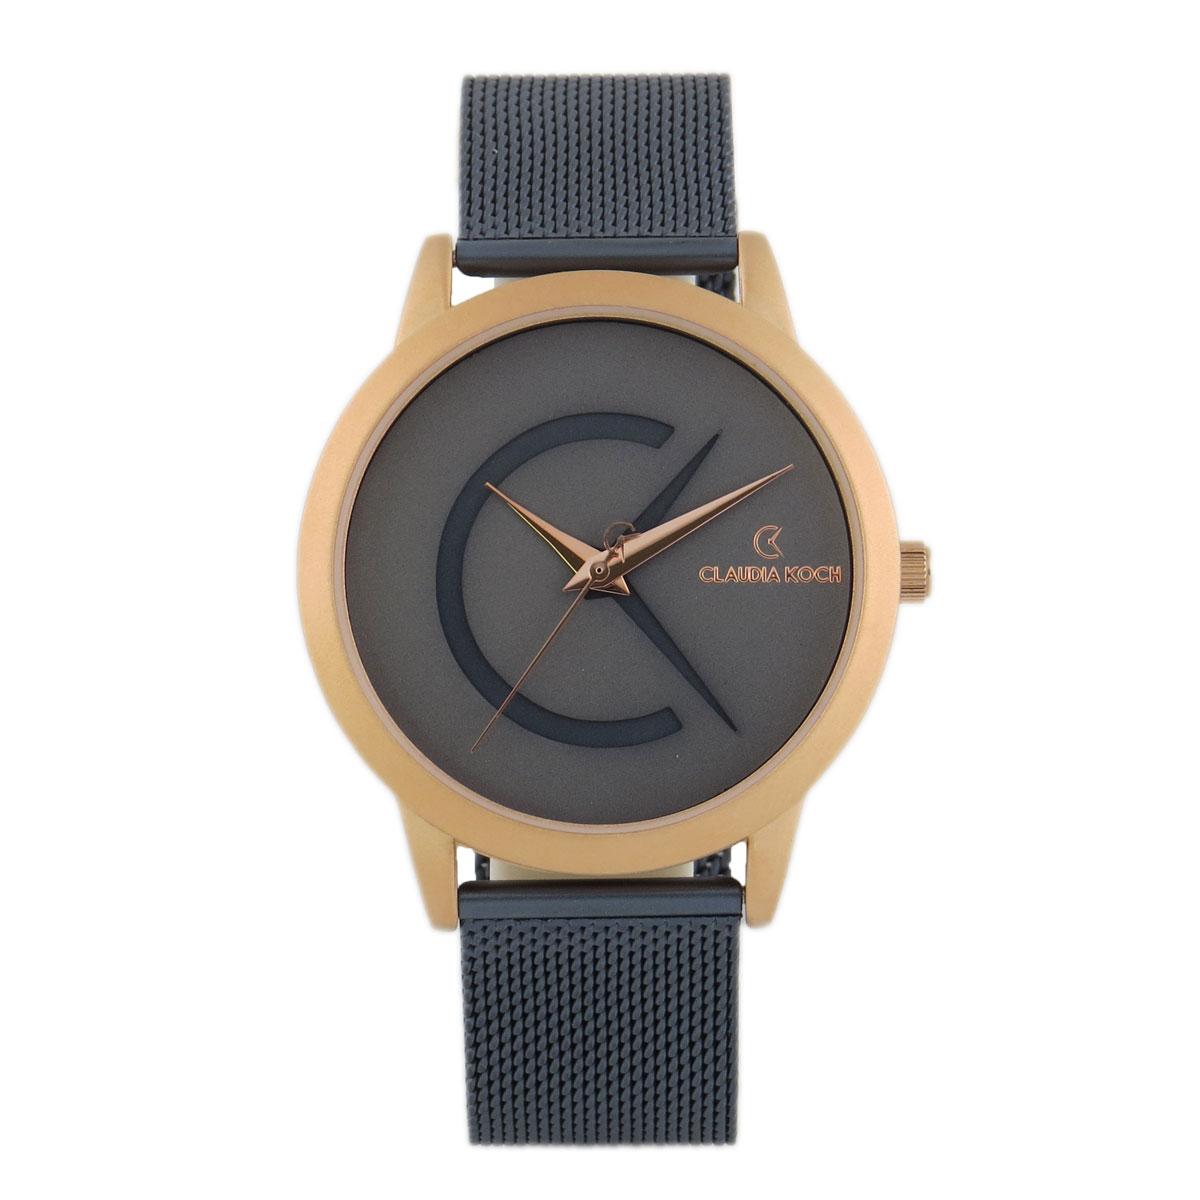 Claudia-Koch-Watches-Women-CK-4877-BRG